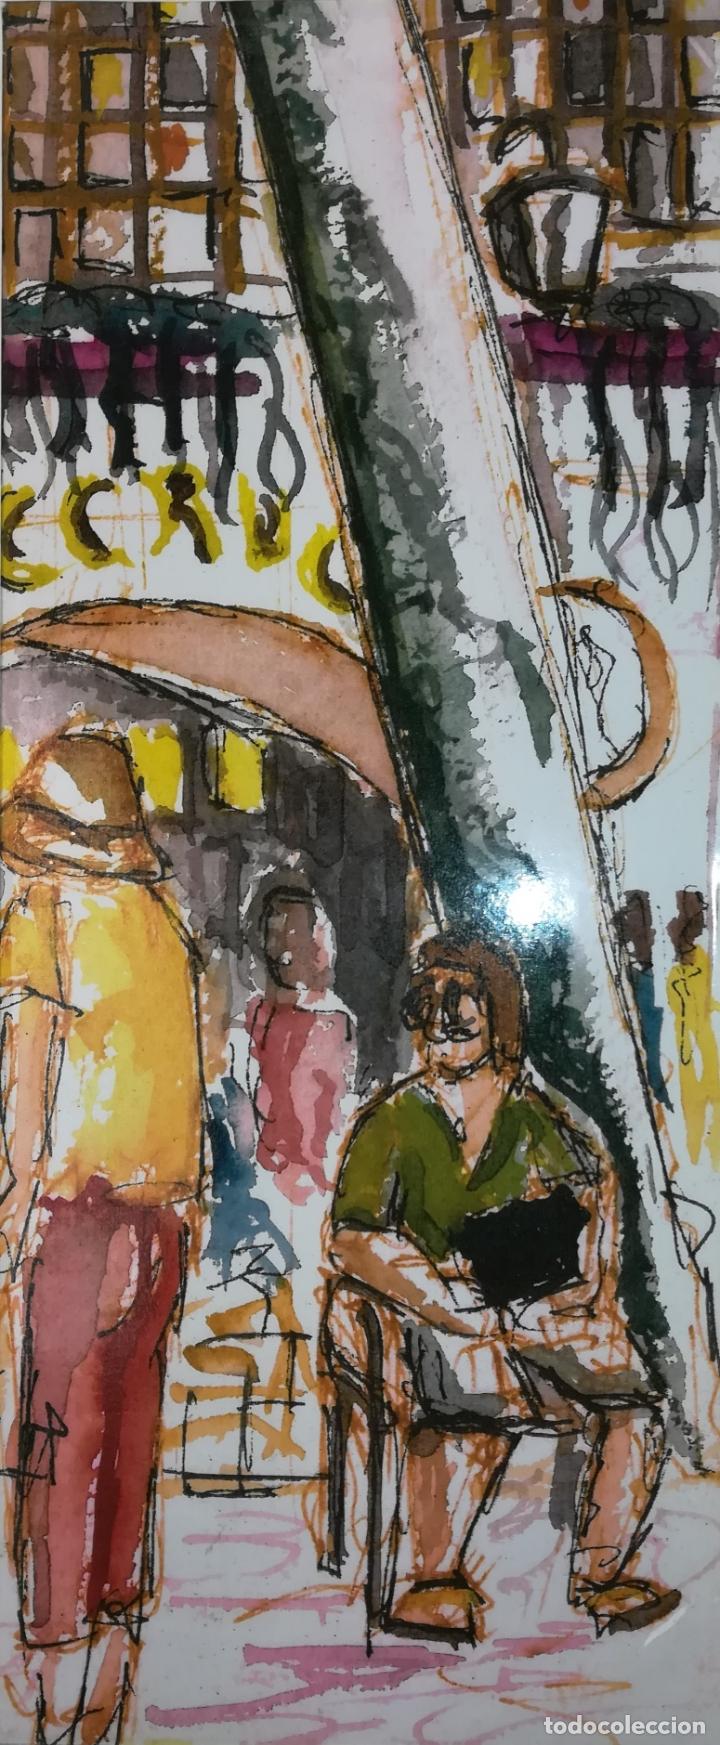 Arte: LAS RAMBLAS. GRABADO 1/200. STEVE. BARCELONA 2011 - Foto 5 - 183373326